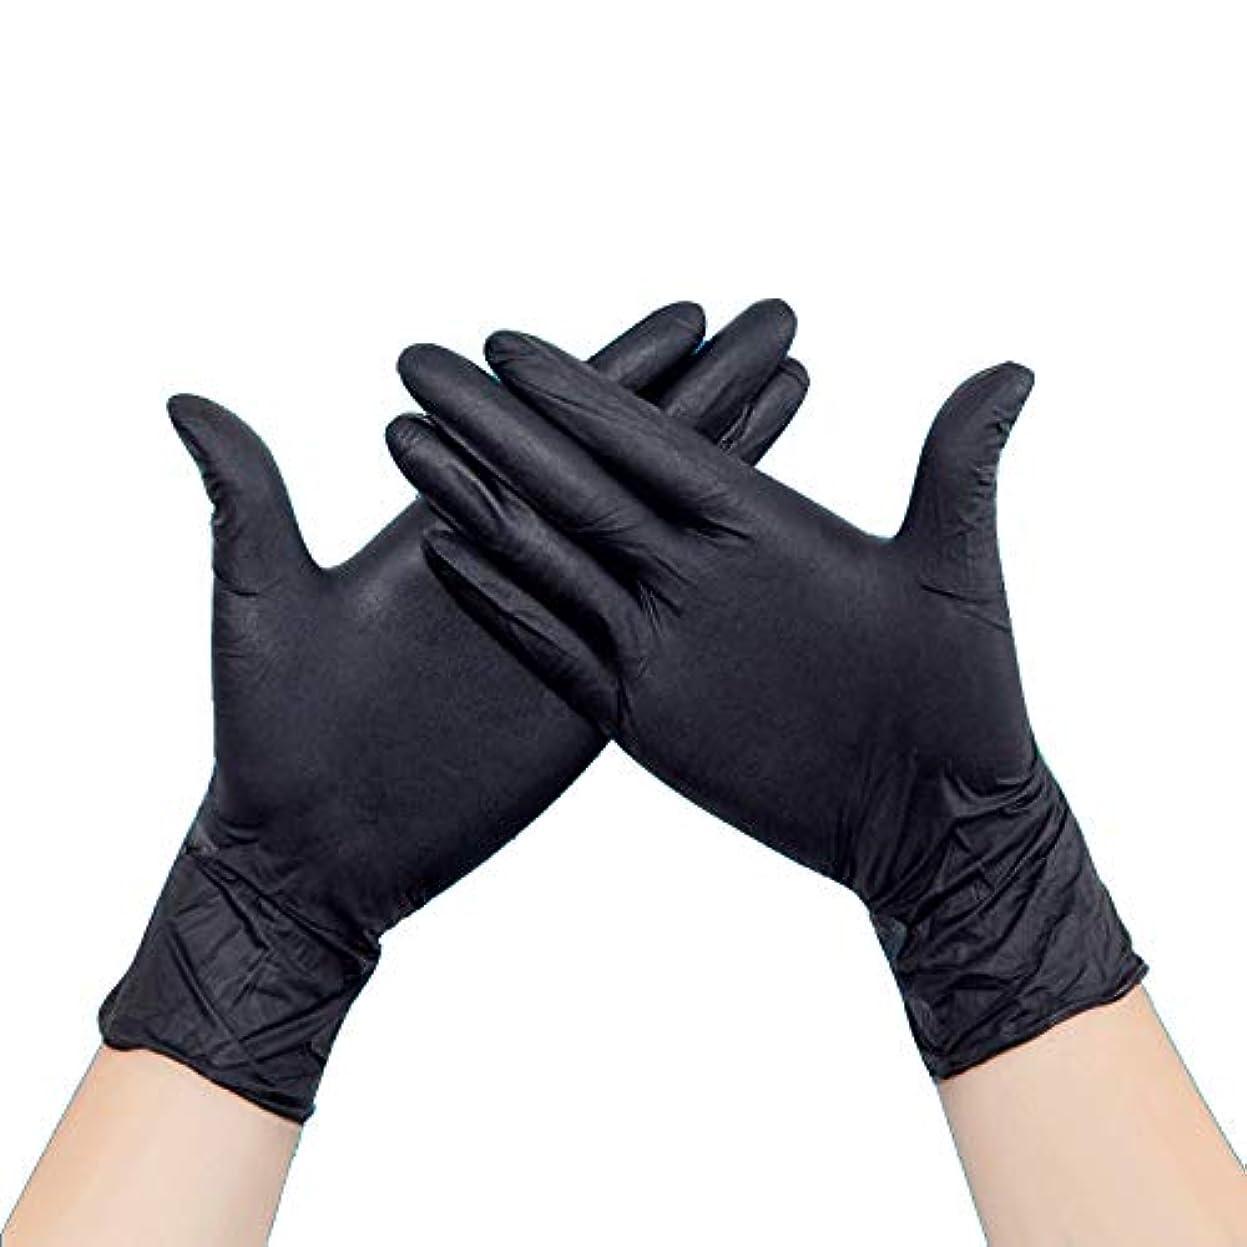 記念碑設計図エンディングニトリル手袋 使い捨て手袋 メカニックグローブ 50枚入 家庭、クリーニング、実験室、ネイルアート ブラック 帯電防止手袋 左右兼用